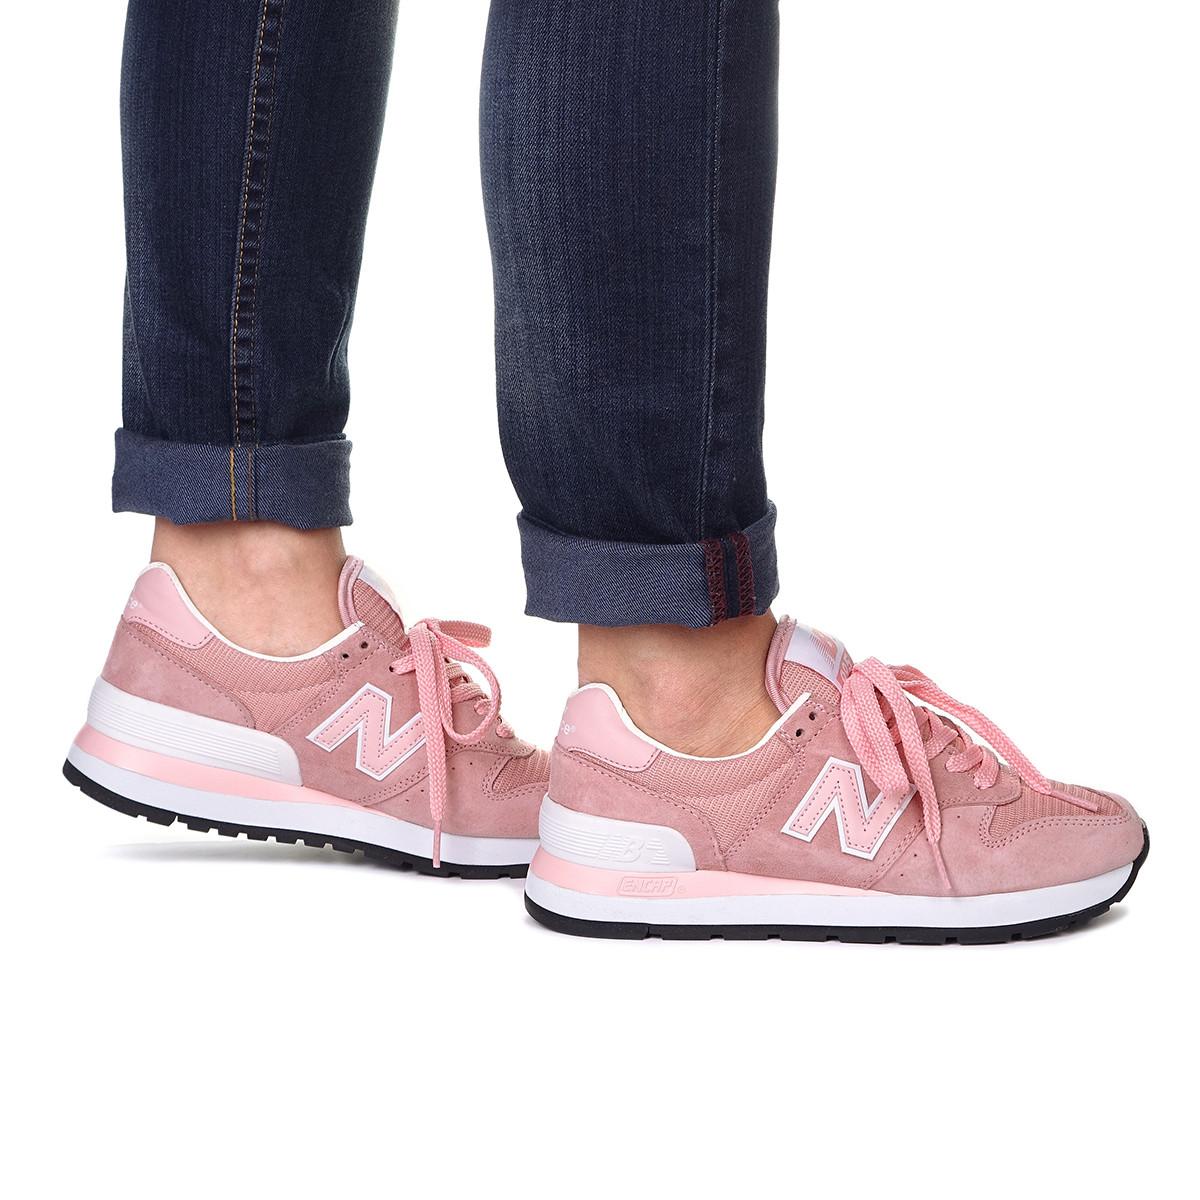 женские кроссовки new balance 995 « Интернет-Аутлет женской обуви №1 ... da7a66cacba